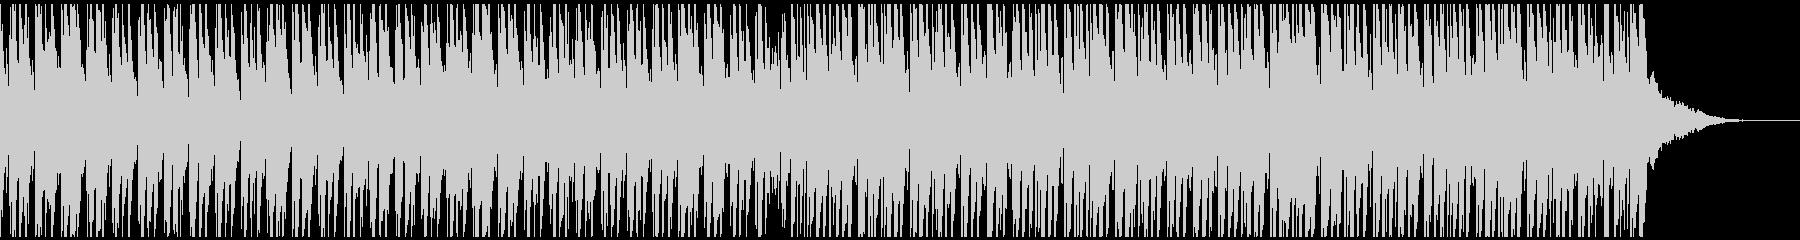 サマーファン(ミディアム)の未再生の波形